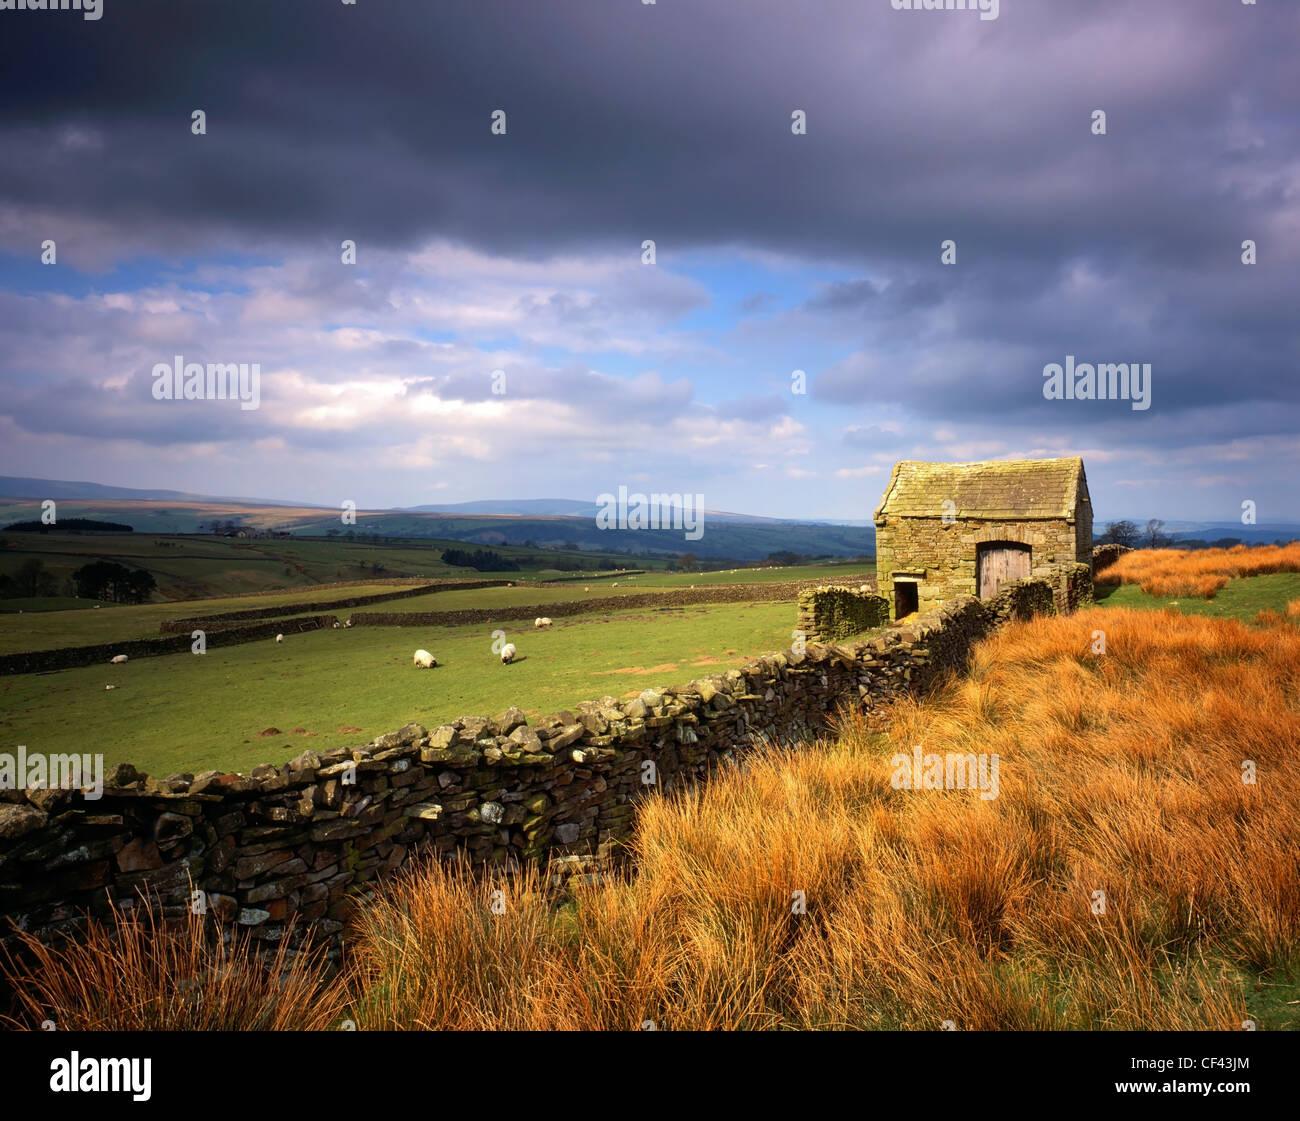 Pecore al pascolo in un campo racchiuso da un tradizionale in pietra a secco e di parete fienile nella foresta di Immagini Stock